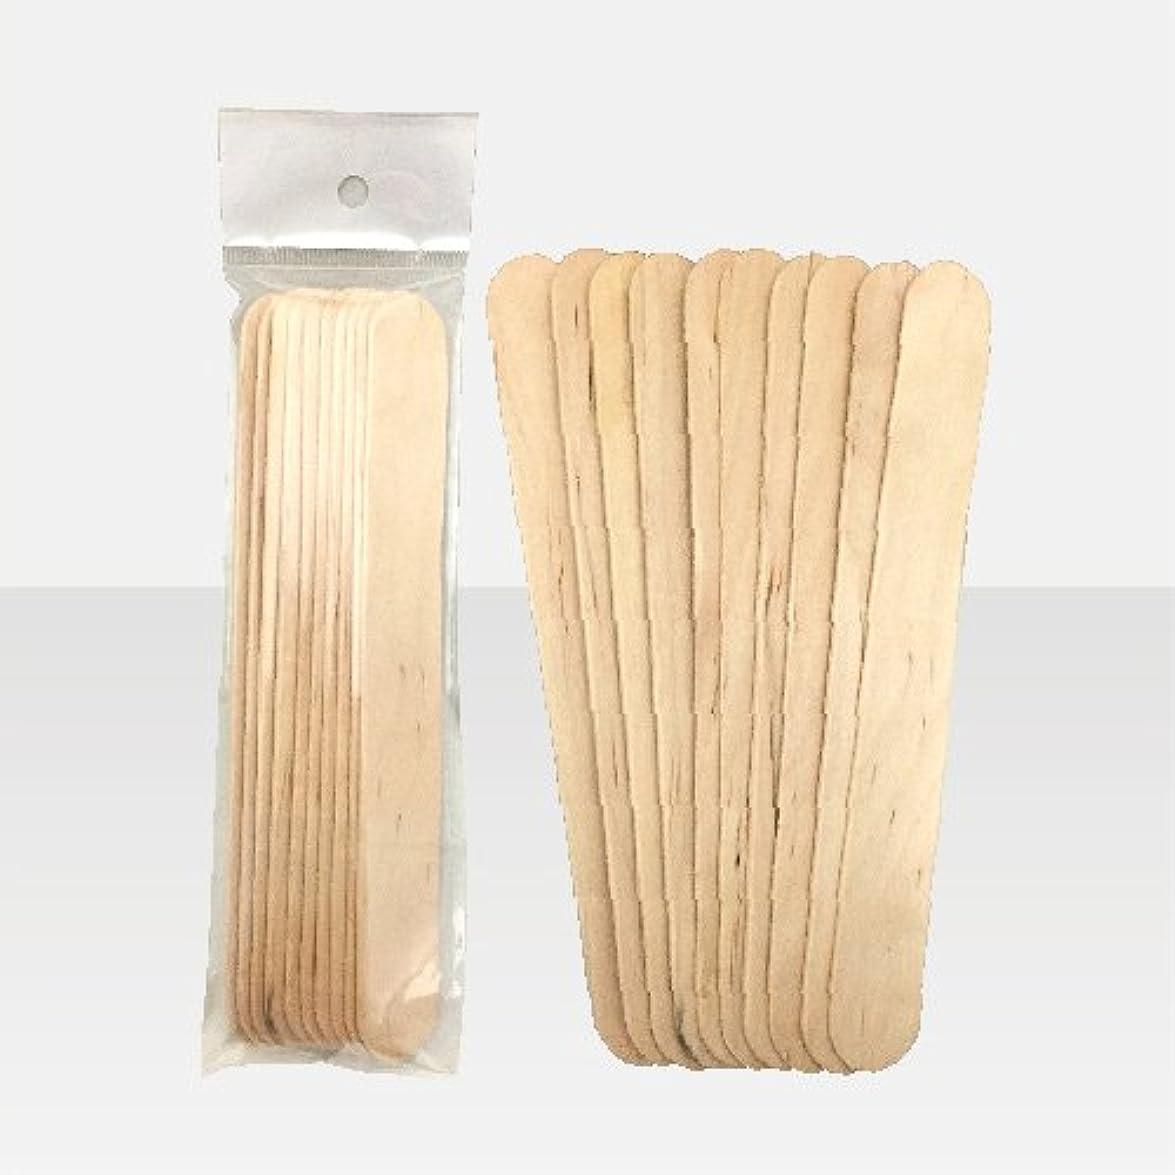 約束する楽しい取り替えるブラジリアンワックス 脱毛ワックス用  ワックススパチュラ 木ベラ /10本セット Mサイズ